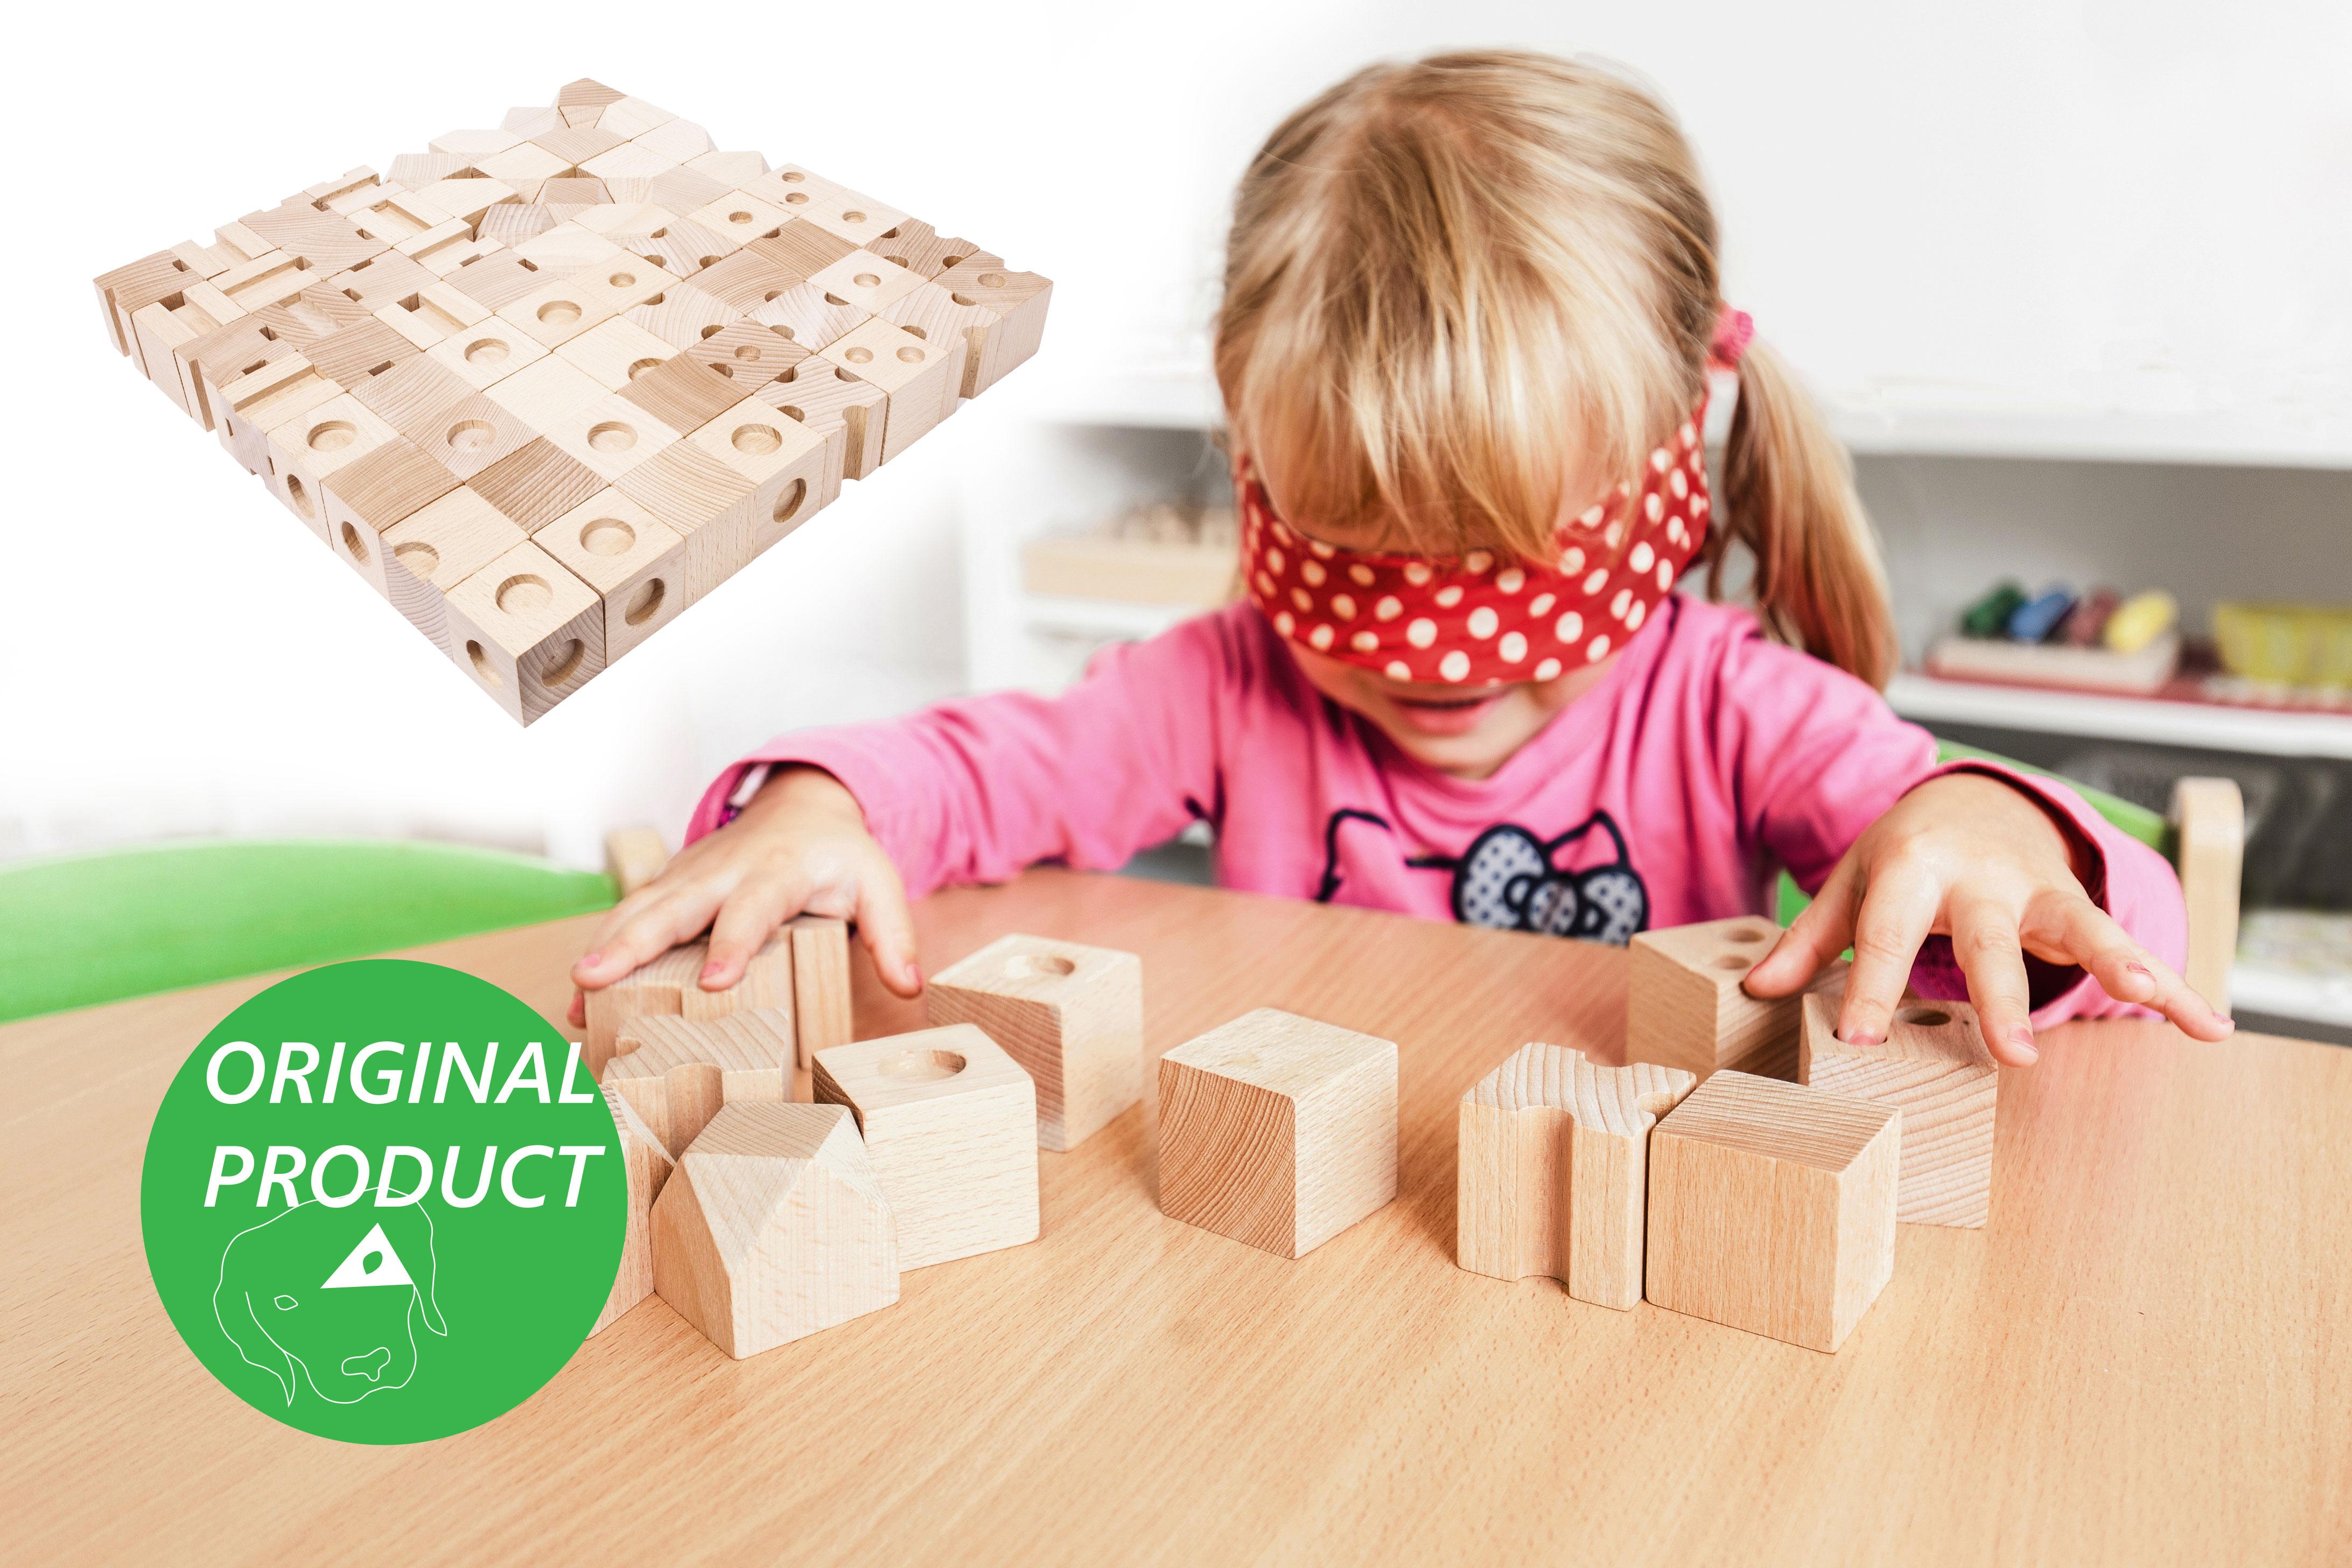 DĚTSKÉ POMŮCKY Dřevěné hmatové kostky 4 stupně obtížnosti